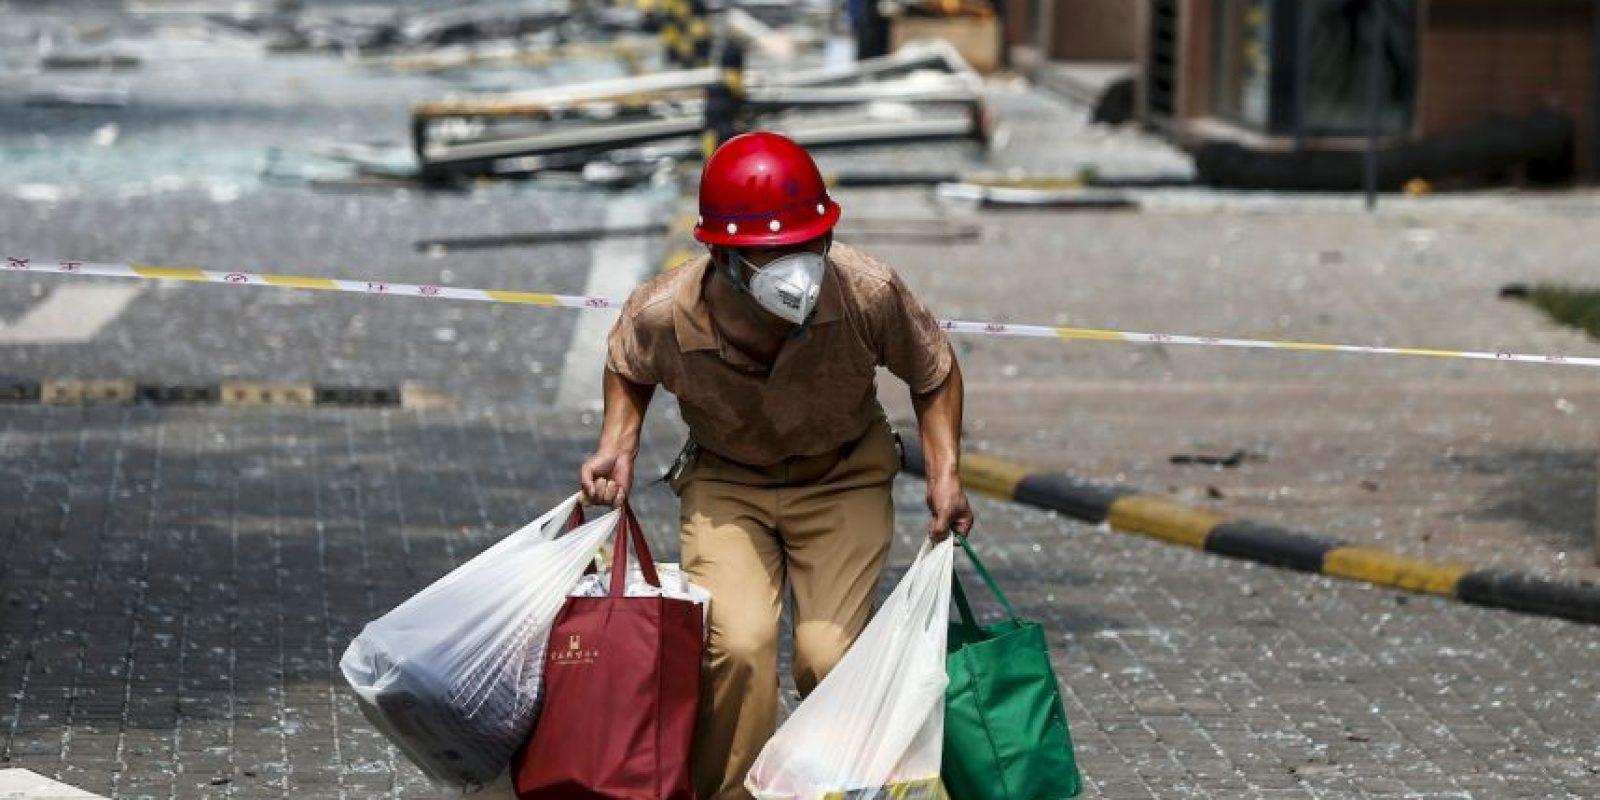 Víctima de las explosiones en China carga sus pertenencias en busca de un lugar seguro. Foto:AFP